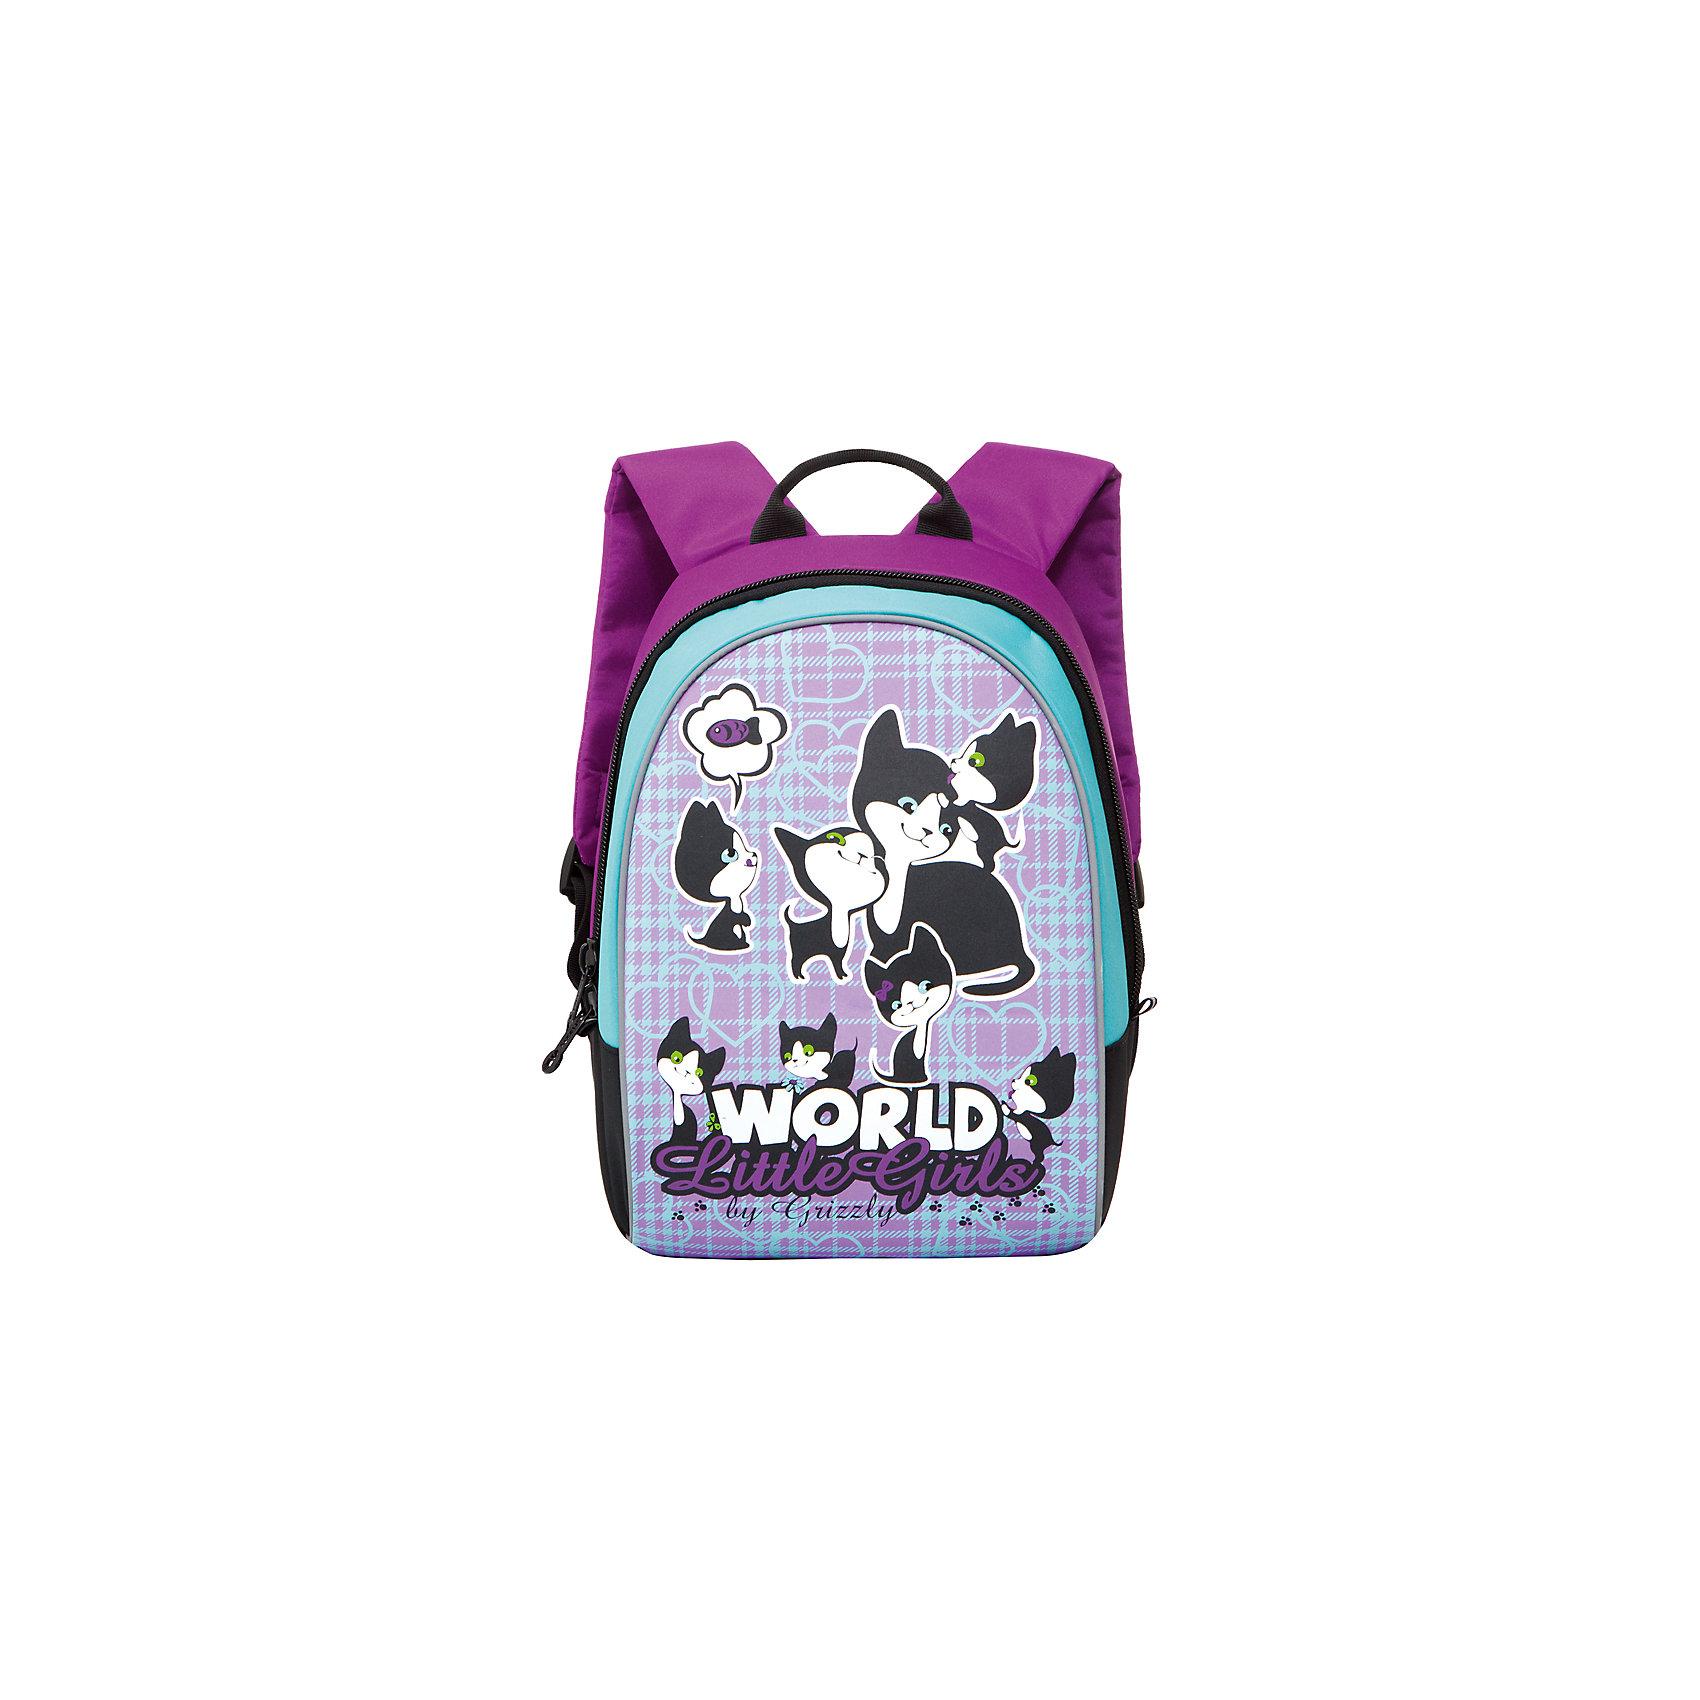 Рюкзак школьный Grizzly , фиолетово-бирюзовыйРюкзаки<br>Школьный рюкзак, фиолетово-бирюзовый, Grizzly (Гризли) ? рюкзак отечественного бренда Гризли школьной серии.  Рюкзак  выполнен из нейлона высокого качества, что обеспечивает, с одной стороны, легкий вес, а с другой ? надежность и прочность. Все швы выполнены капроновыми нитками, что делает швы особенно крепкими и устойчивыми к износу даже в течение нескольких лет. <br>Внутреннее устройство рюкзака состоит одного отсека и внутреннего кармана. Удобство и эргономичность рюкзака создается за счет укрепленной спинки, укрепленных лямок и мягкой ручки. С четырех сторон рюкзака имеются светоотражающие элементы. Уникальность рюкзаков Grizzly заключается в том, что анатомическая спинка изготовлена из специальной ткани, которая пропускает воздух, тем самым защищает спину от повышенного потоотделения.<br>Все рюкзаки школьной серии Grizzly (Гризли) имеют оригинальный современный дизайн. Школьный рюкзак, фиолетово-бирюзовый, Grizzly (Гризли) выполнен в ярких цветах. Передний карман украшен большой яркой аппликацией, изображающей кошку с котятами.<br>Школьный рюкзак, фиолетово-бирюзовый, Grizzly (Гризли) ? это качество материалов, удобство, стиль и долговечность использования. <br><br>Дополнительная информация:<br><br>- Вес: 388 г<br>- Габариты (Д*Г*В): 27*16*35 см<br>- Цвет: фиолетовый, бирюзовый<br>- Материал: нейлон <br>- Сезон: круглый год<br>- Коллекция: школьная <br>- Год коллекции: 2016 <br>- Пол: женский<br>- Предназначение: для школы<br>- Особенности ухода: можно чистить влажной щеткой или губкой, допускается ручная стирка<br><br>Подробнее:<br><br>• Для школьников в возрасте: от 6 лет и до 10 лет<br>• Страна производитель: Китай<br>• Торговый бренд: Grizzly<br><br>Школьный рюкзак, фиолетово-бирюзовый, Grizzly (Гризли) можно купить в нашем интернет-магазине.<br><br>Ширина мм: 270<br>Глубина мм: 160<br>Высота мм: 350<br>Вес г: 388<br>Возраст от месяцев: 72<br>Возраст до месяцев: 96<br>Пол: Женский<br>Возраст: Детский<b